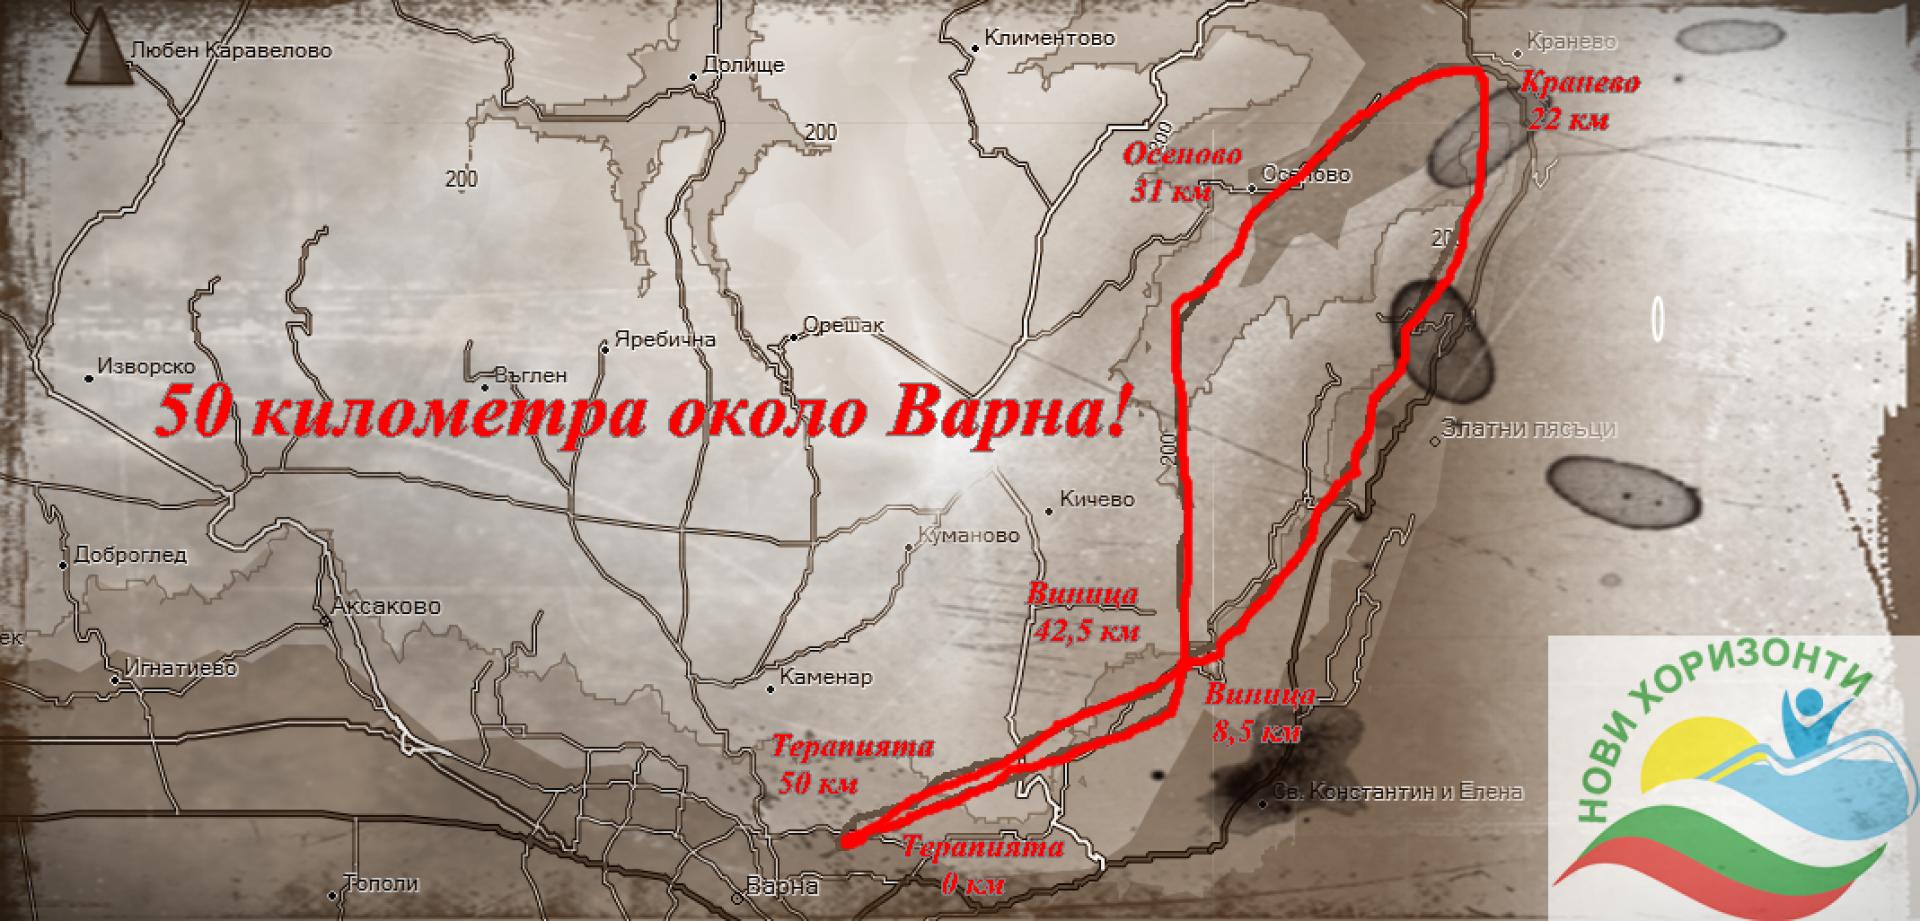 На картата е показан маршрутът, който ще бъде изминат